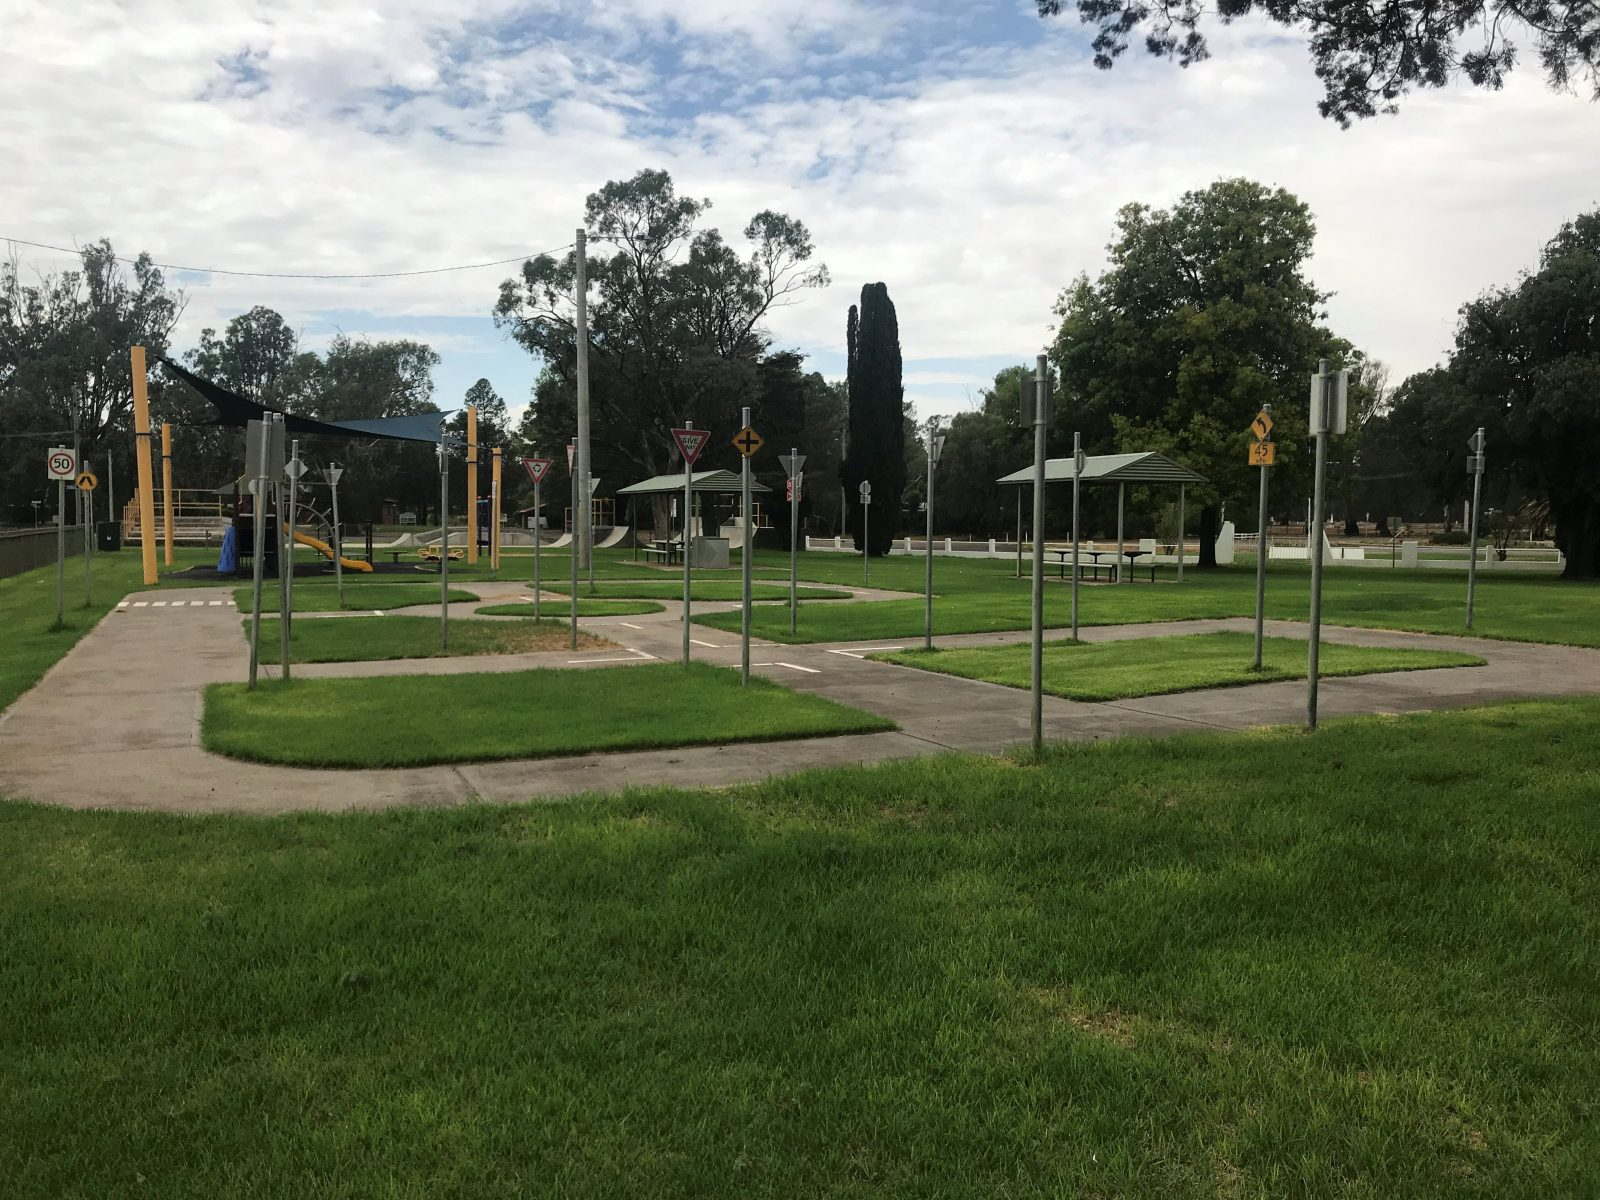 Park, bikes, playground